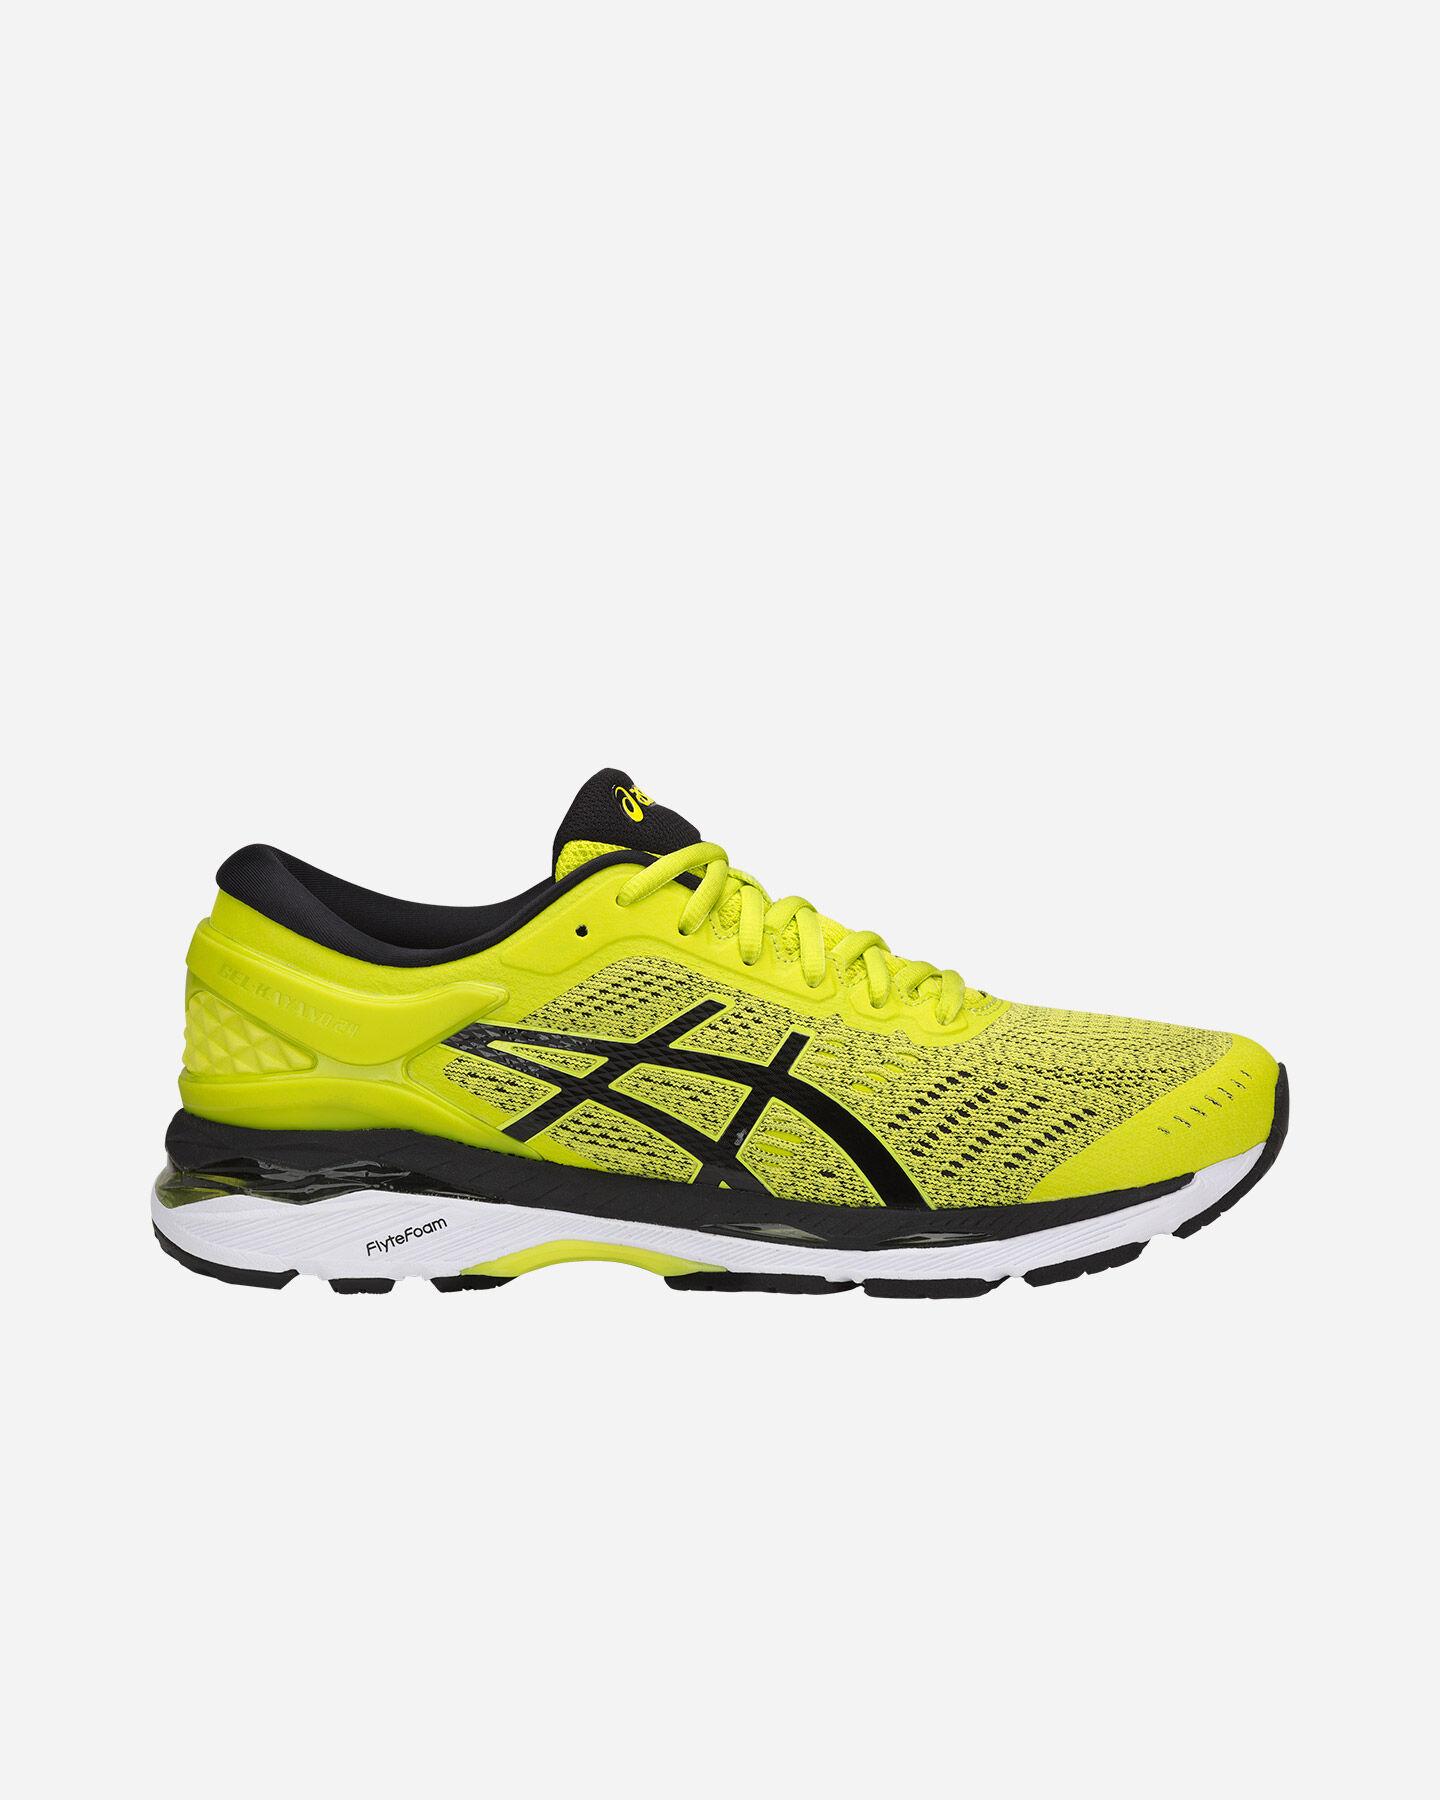 scarpe asics gel kayano 24